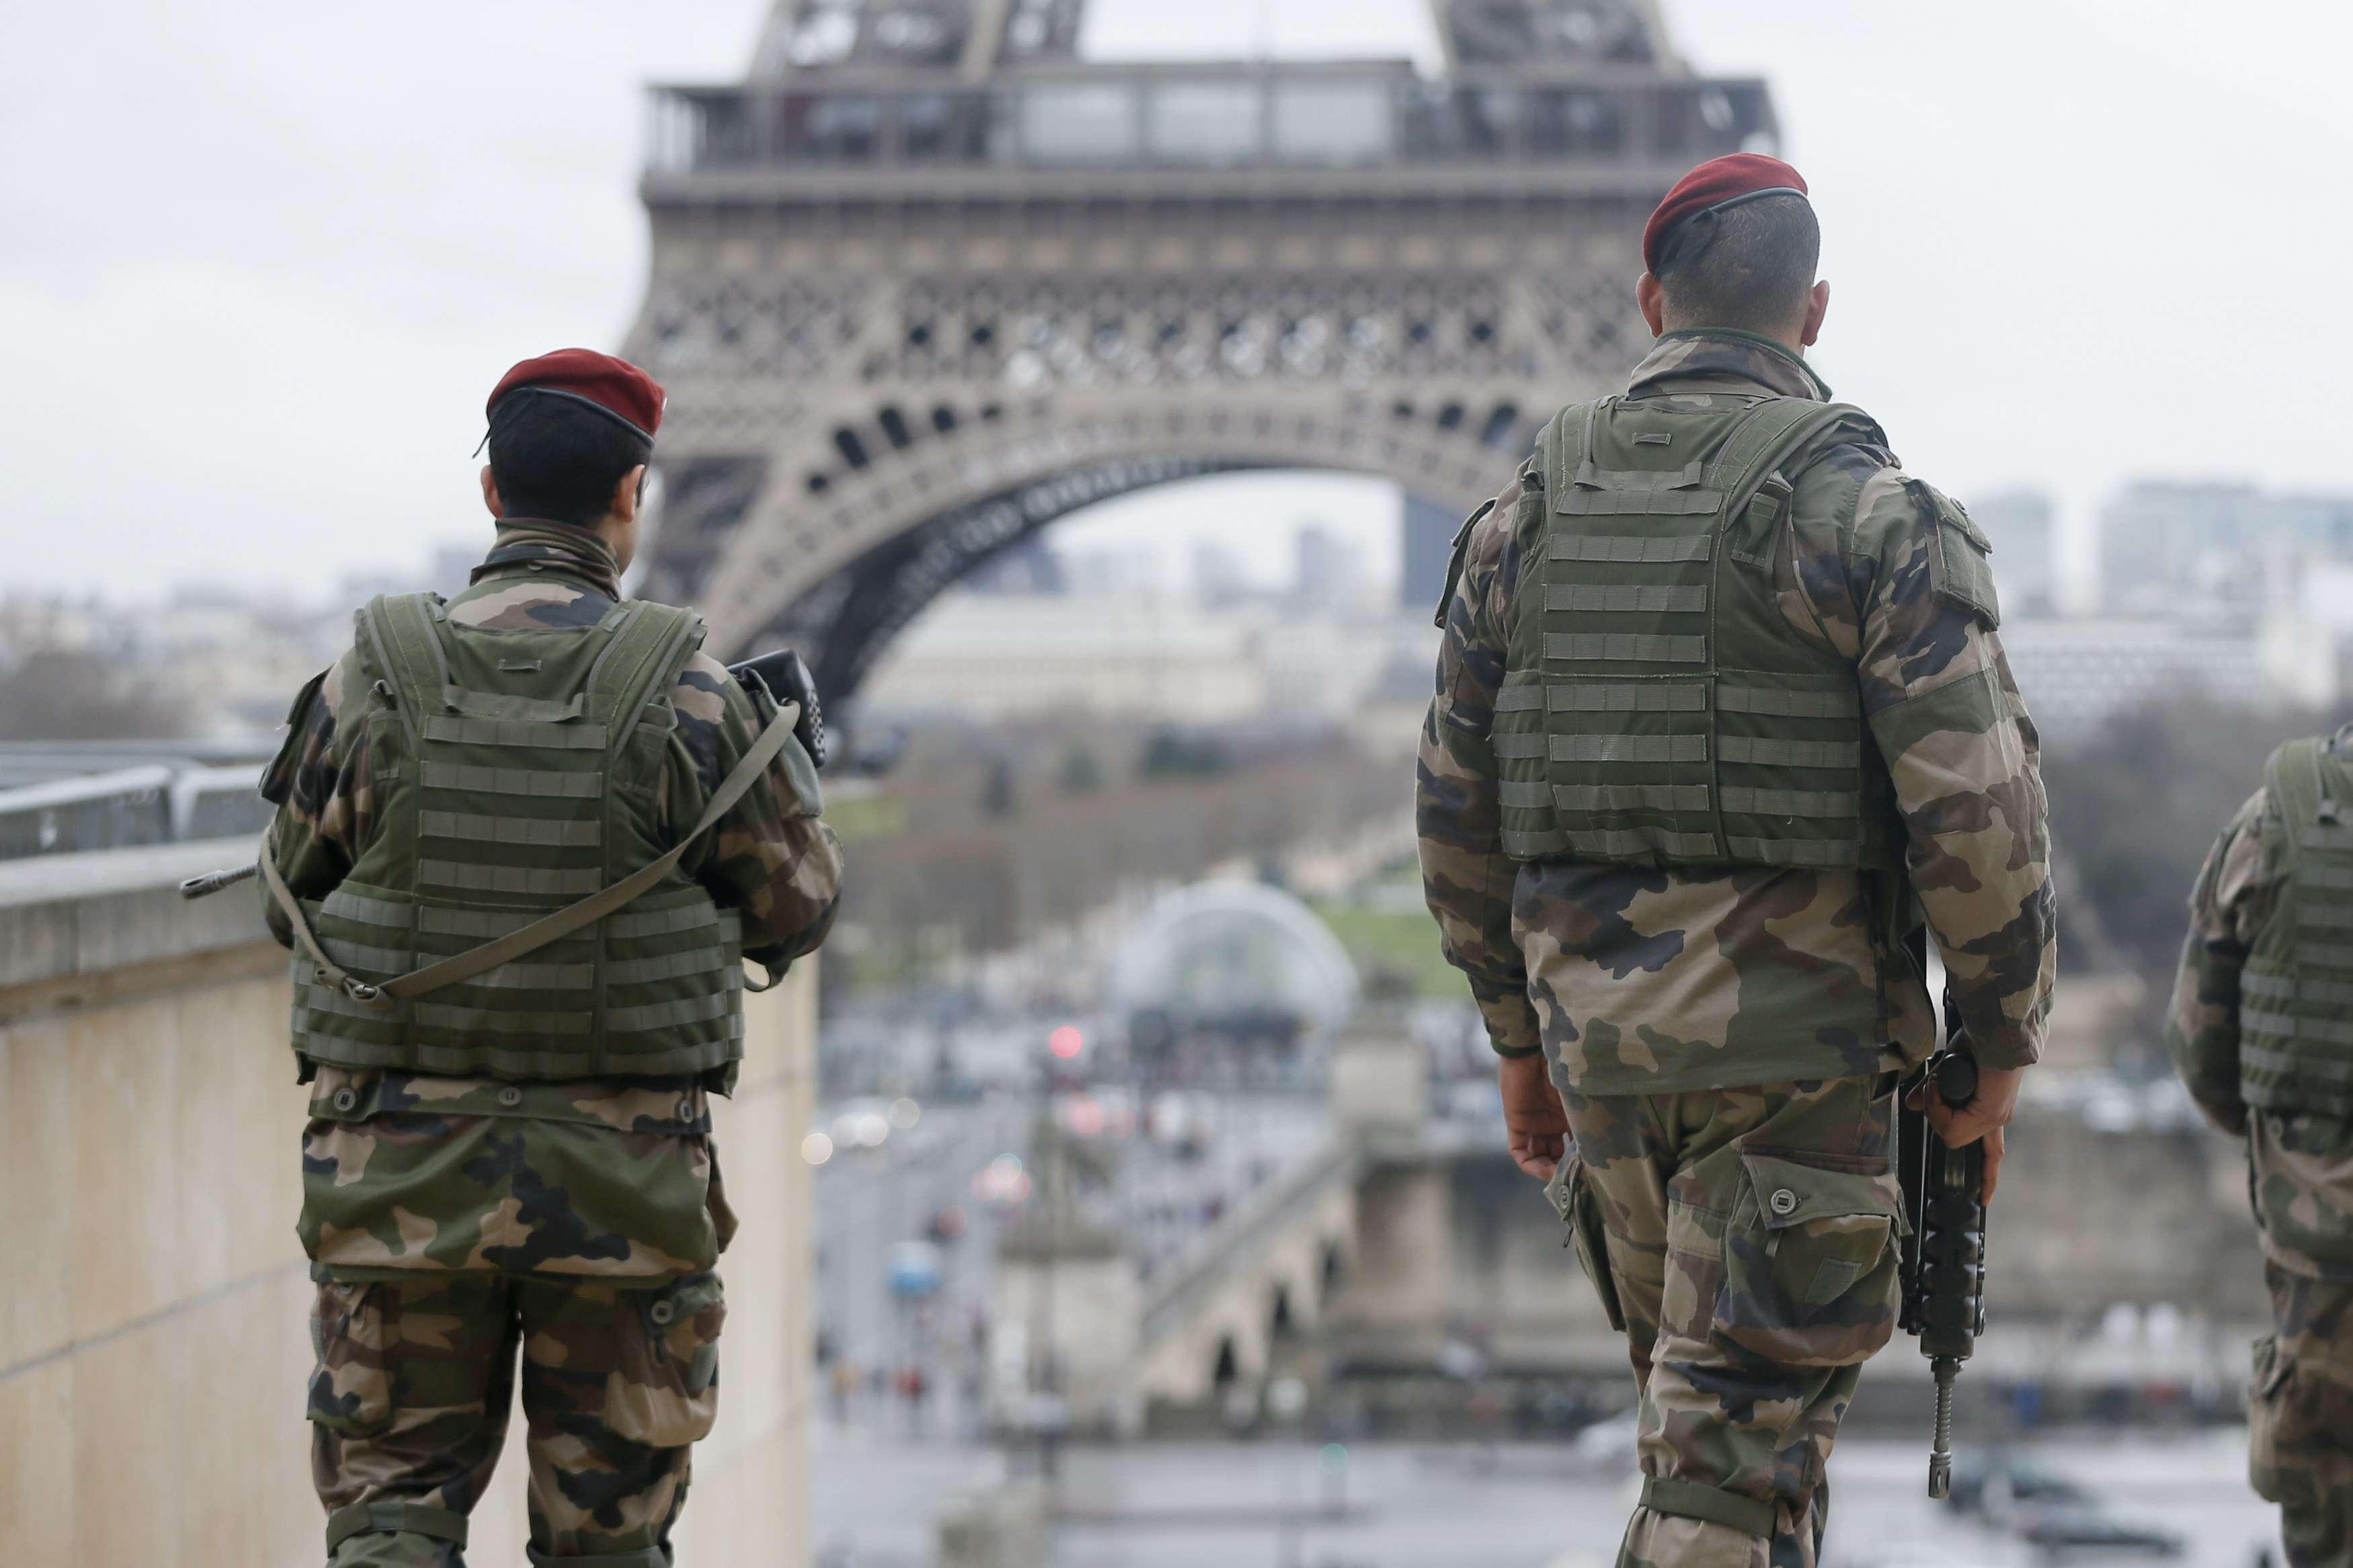 Soldados franceses patrullan cerca de la Torre Eiffel en París, 9 enero, 2015. Las autoridades francesas empezaron a evacuar el viernes escuelas en una localidad del norte de Francia donde están sitiados dos sospechosos del ataque letal al semanario Charlie Hebdo, los que tendrían al menos a una persona como rehén. Foto: Reuters